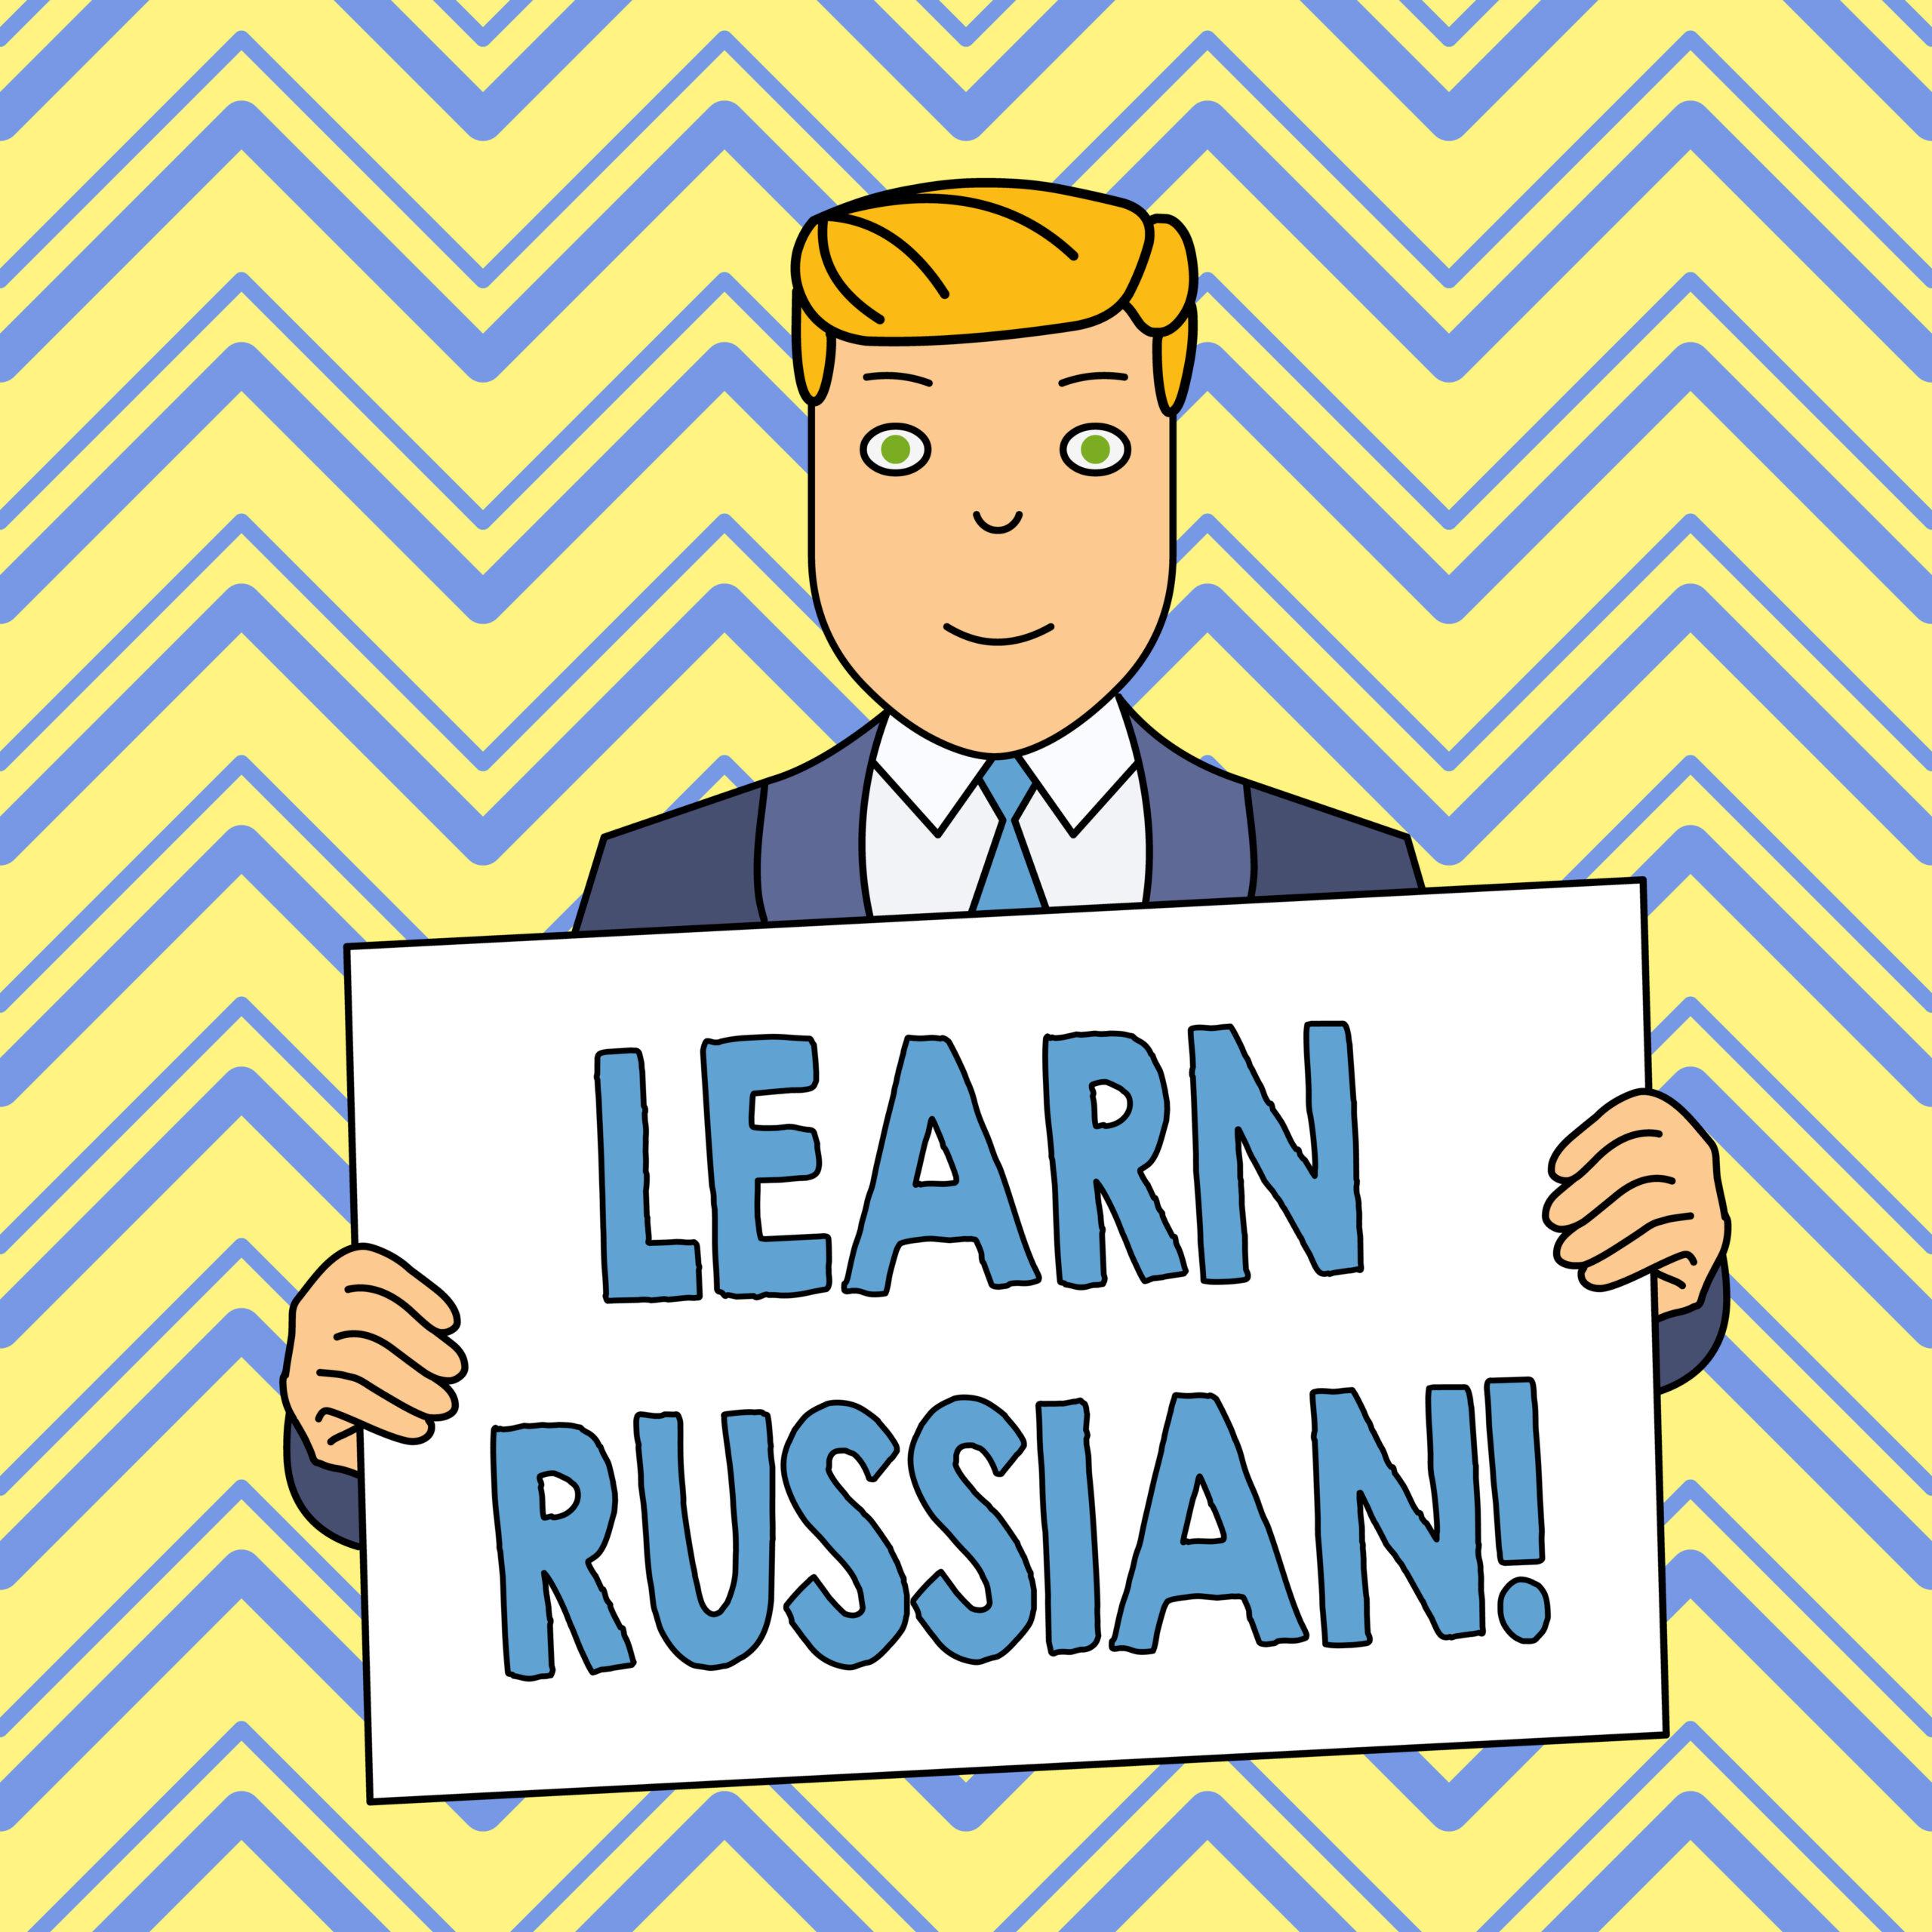 ドーブルィ ジェーニ/ロシア語